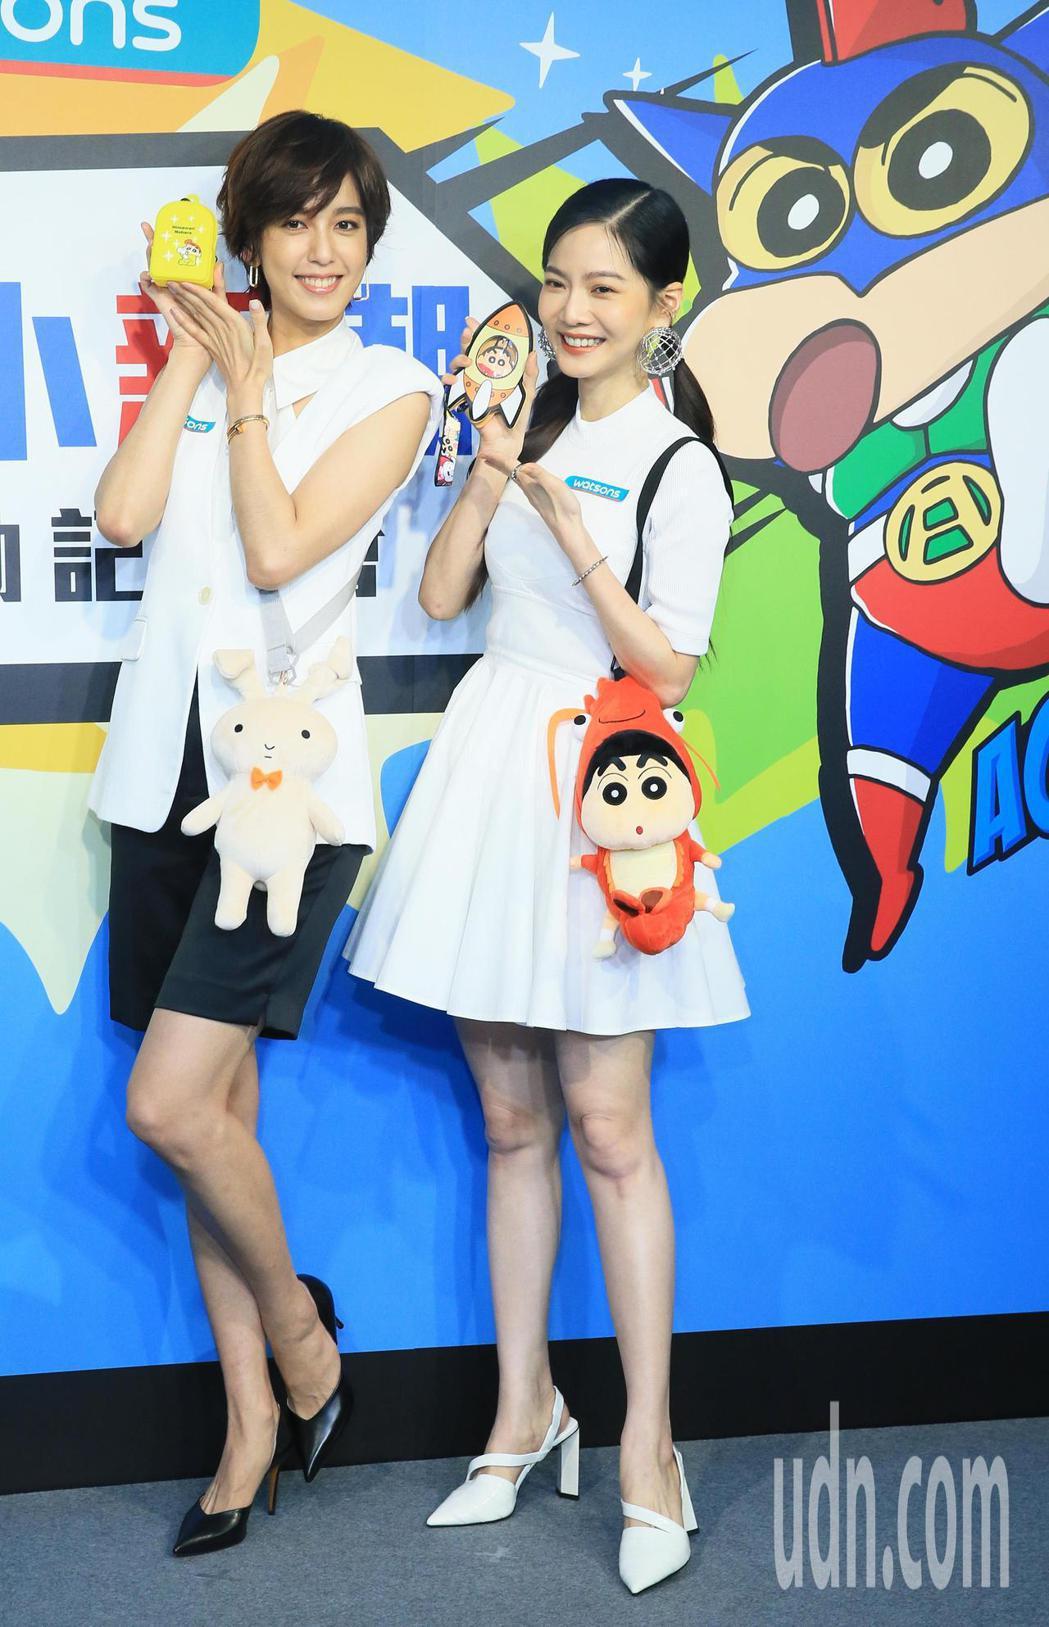 曾之喬(右)與陳庭妮(左)今天出席代言活動。記者潘俊宏/攝影